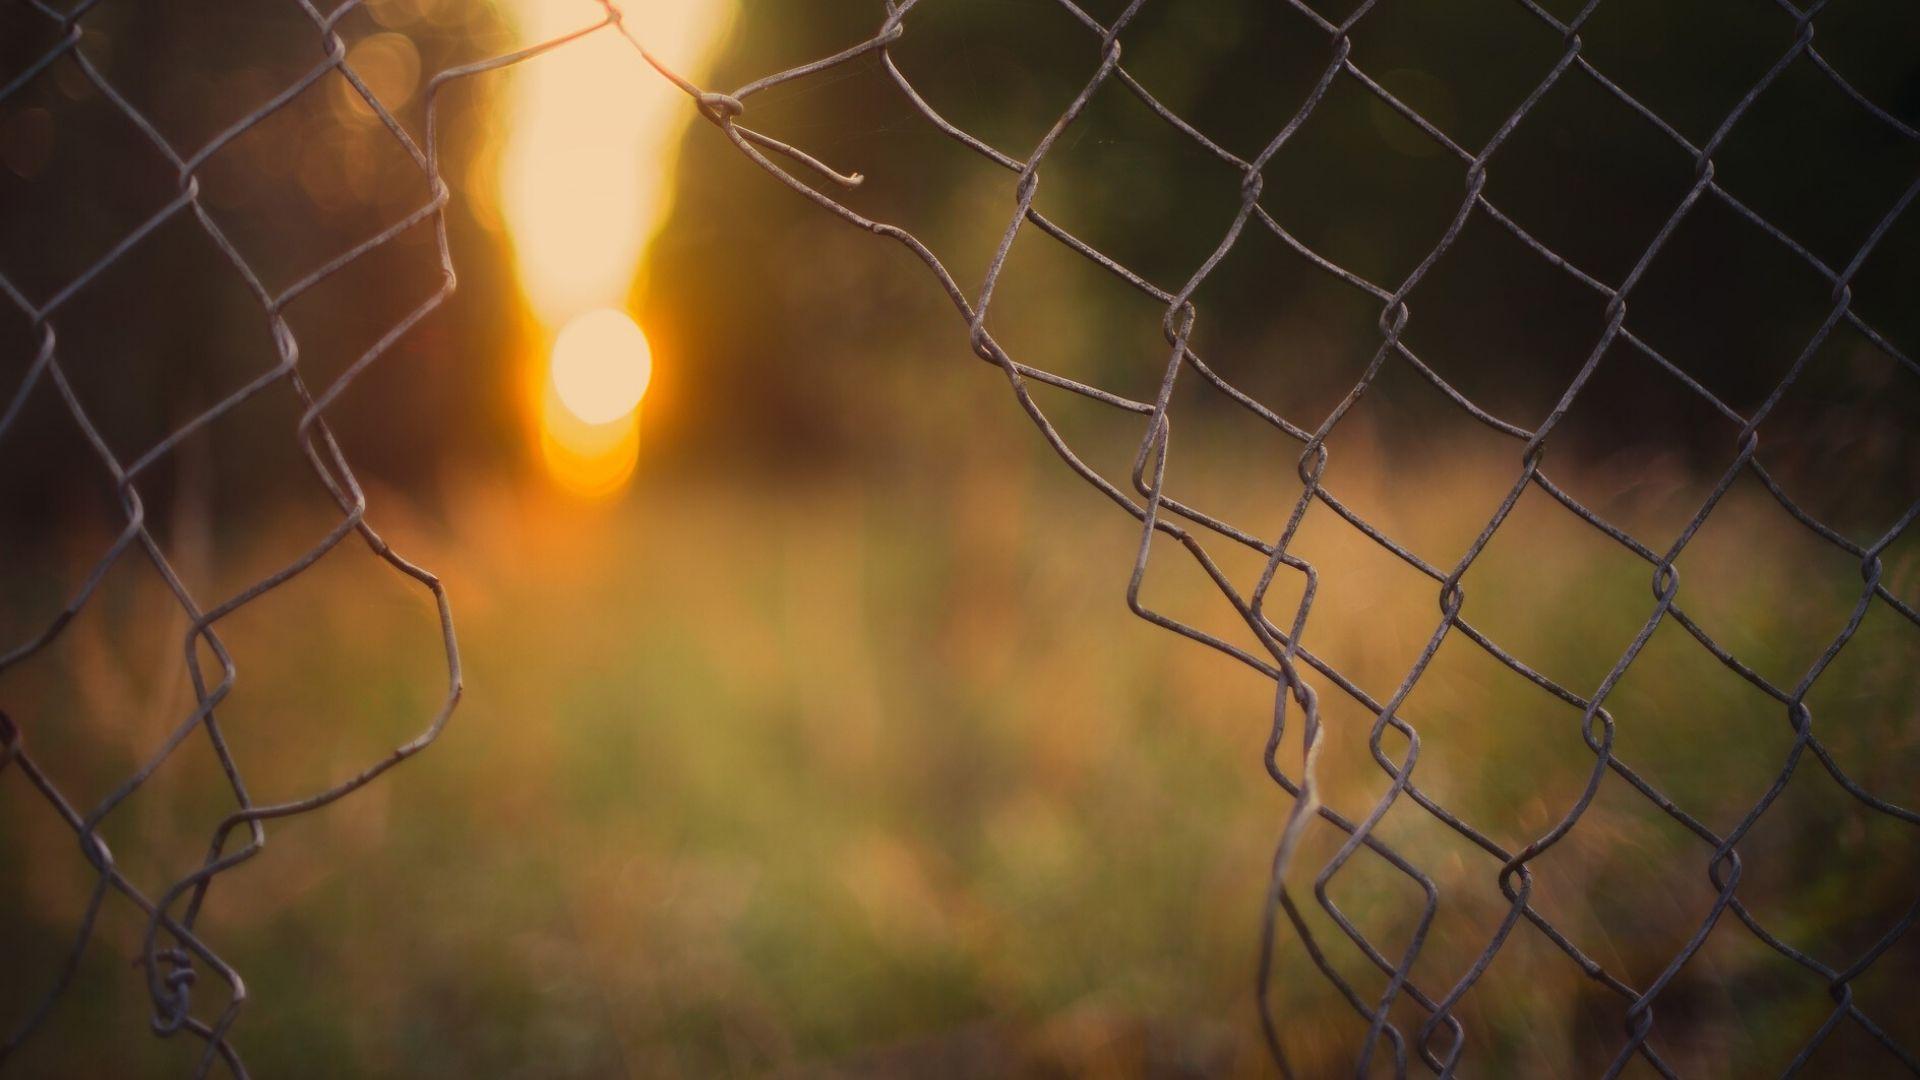 Порванная сетка сулит свободу